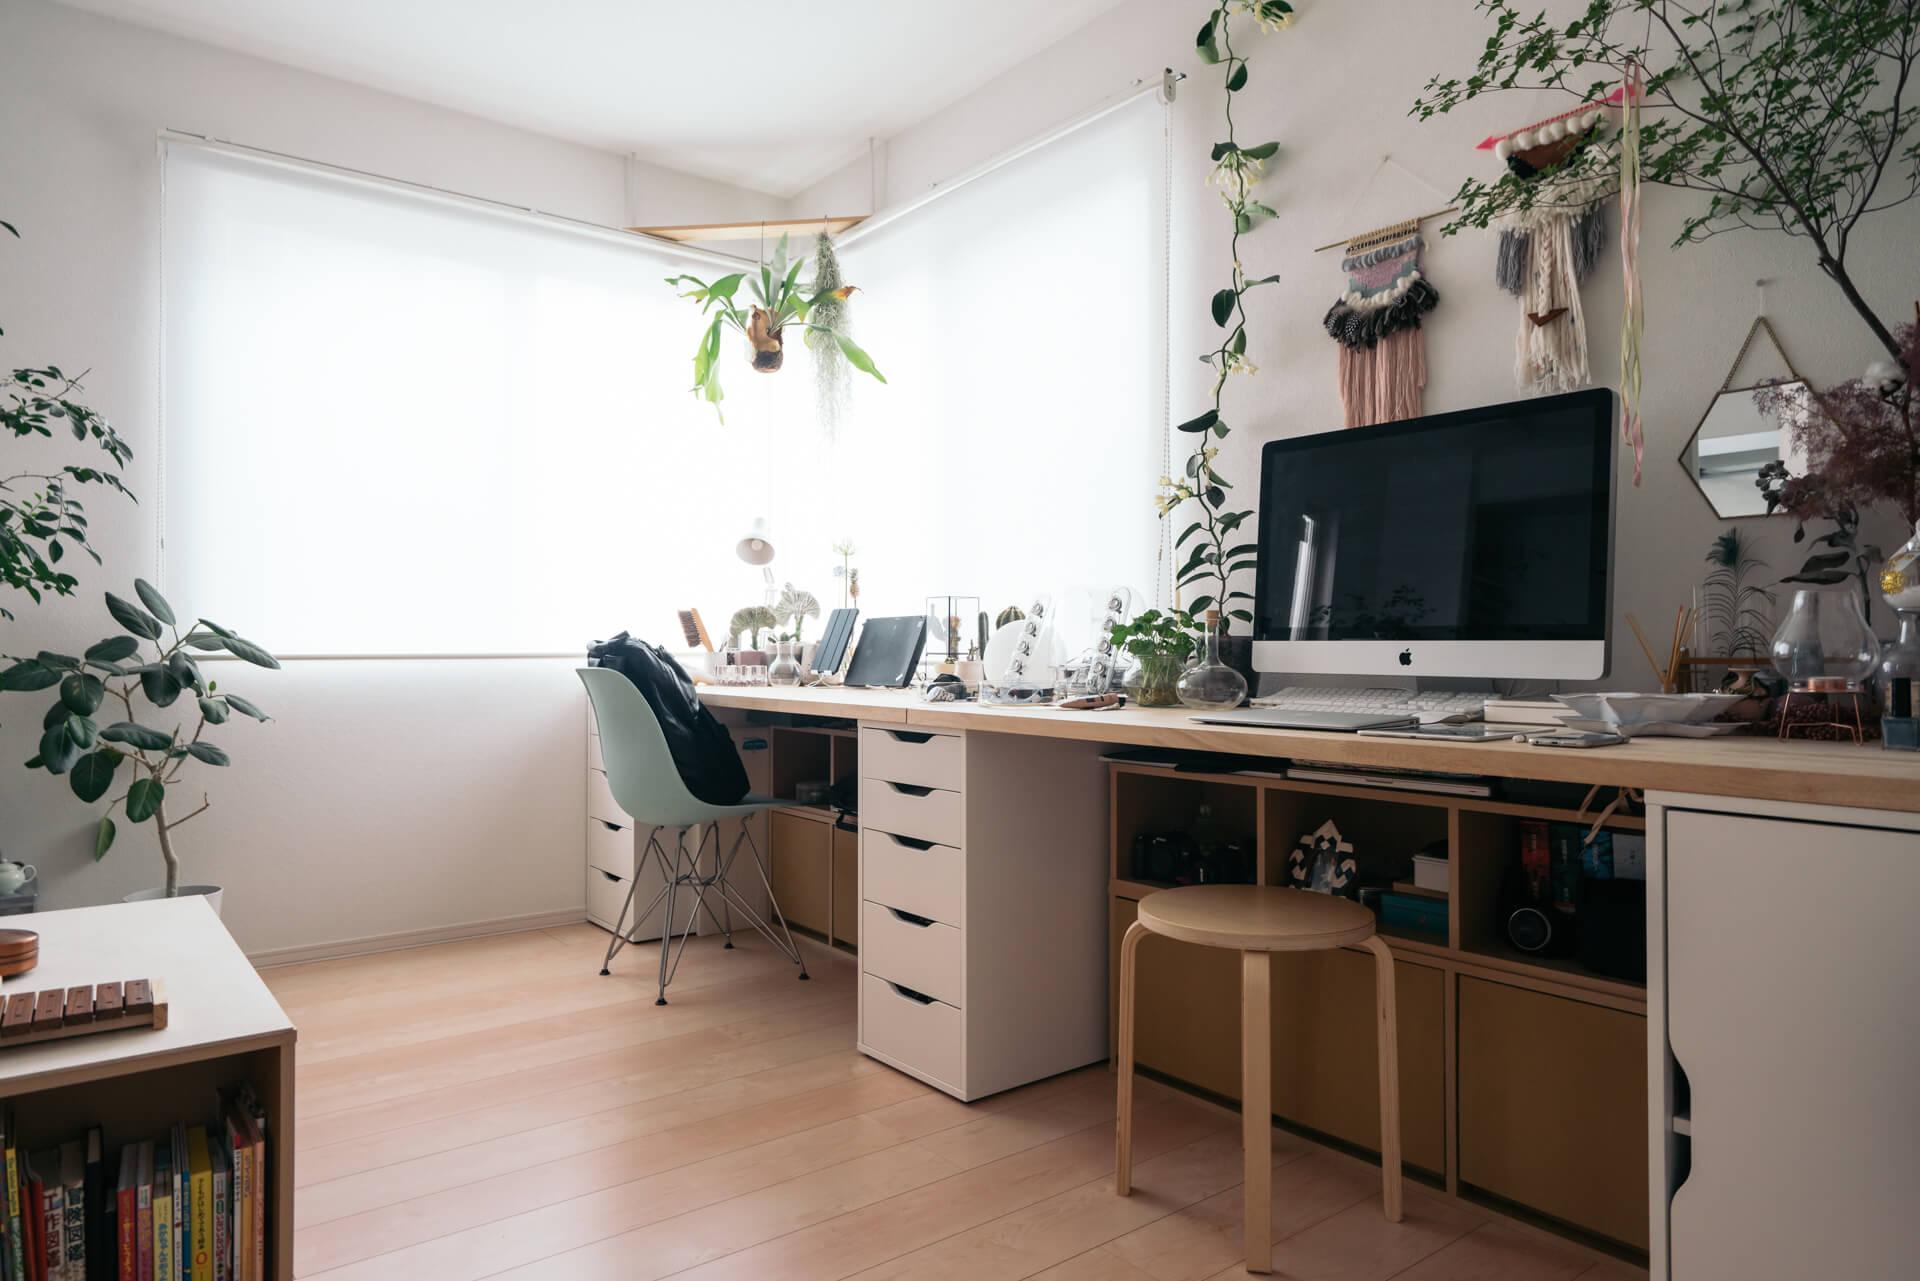 夫婦2人と、小さなお子様の3人で1LDKで生活をされている方の事例。お二人とも自宅で仕事をすることが多いということで、壁1面をワークスペースとして使っています。しかもこれ、IKEAの収納家具に天板を載せただけで作ったというから驚きのアイディアです!